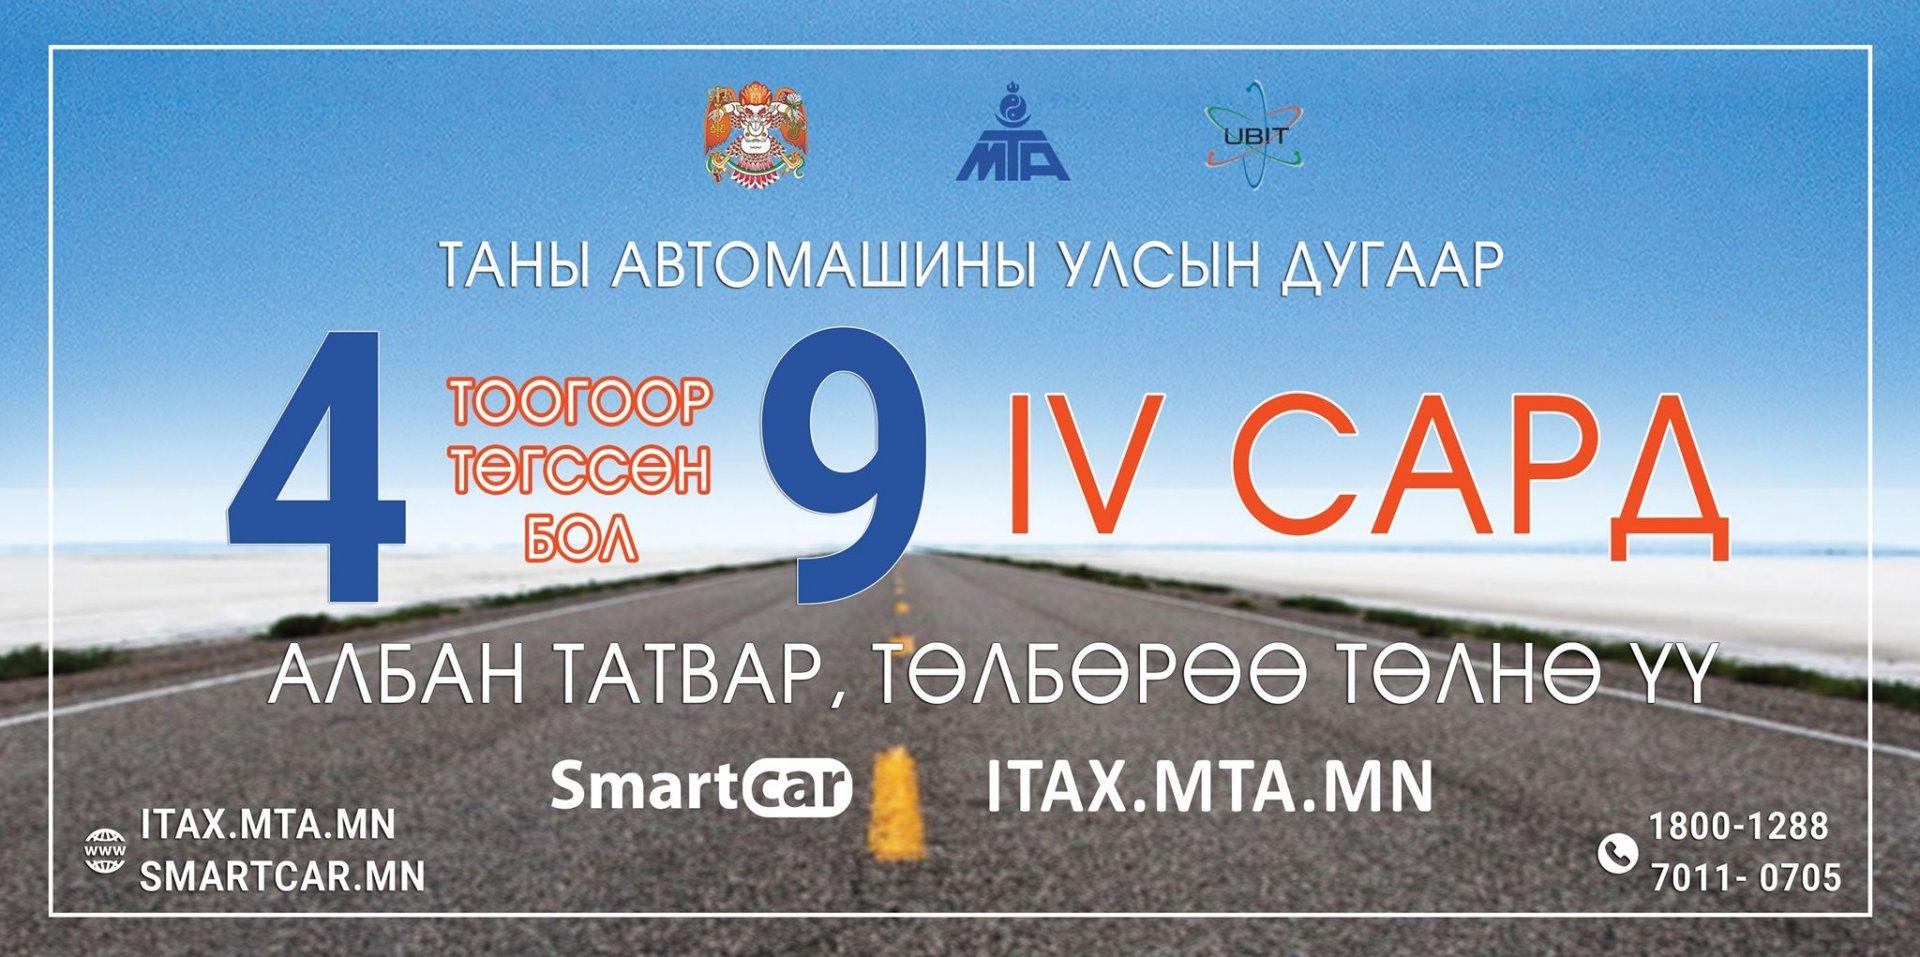 Улсын дугаар нь 4, 9-өөр төгссөн тээврийн хэрэгсэл эзэмшигчийн татвараа төлөх хугацаа дуусахад 2 өдөр үлдлээ